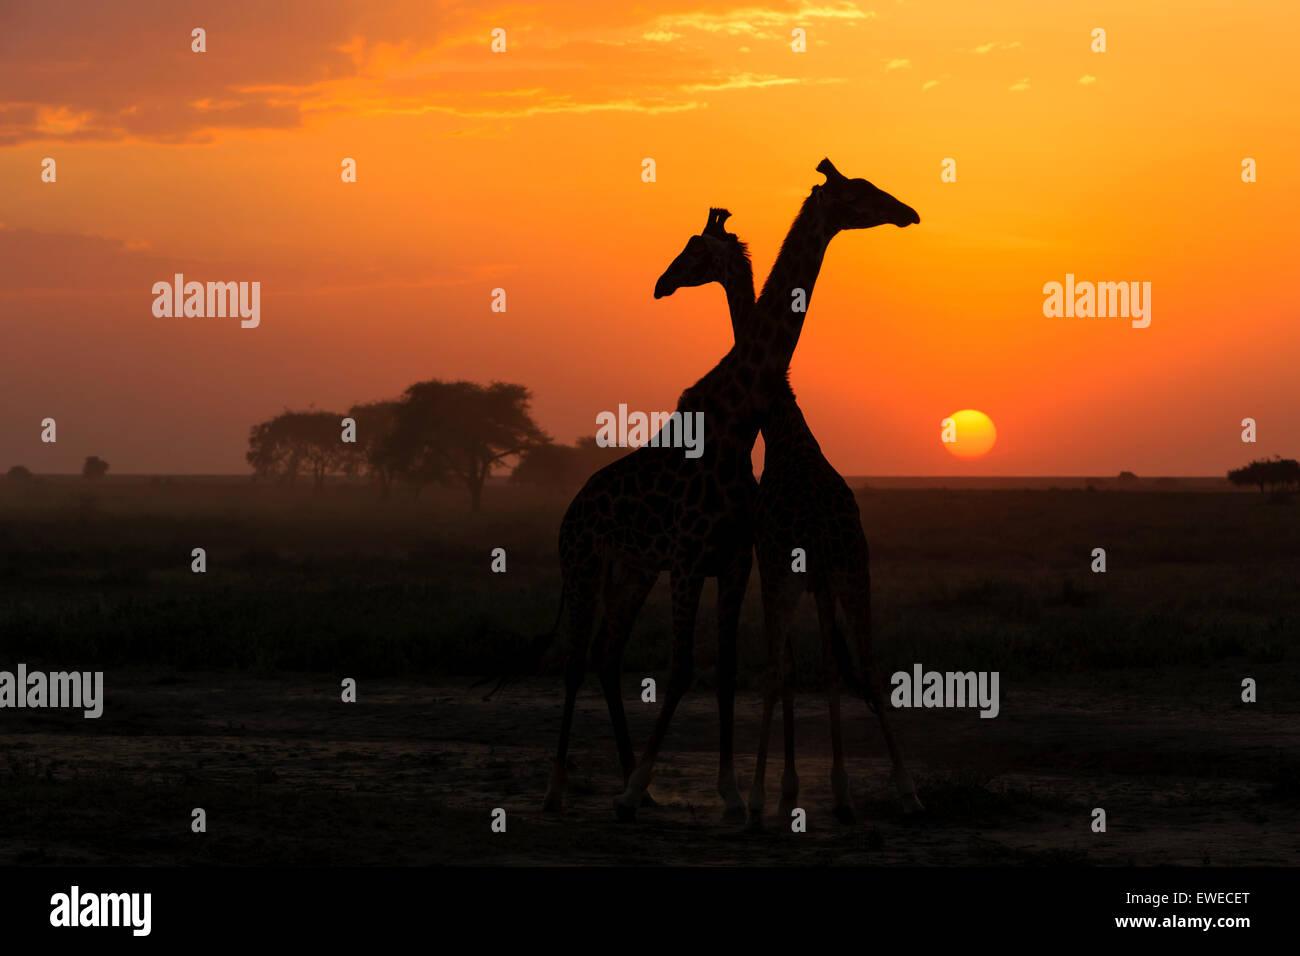 Masai Giraffe (Giraffa camelopardalis) at sunset in the Serengeti Tanzania - Stock Image